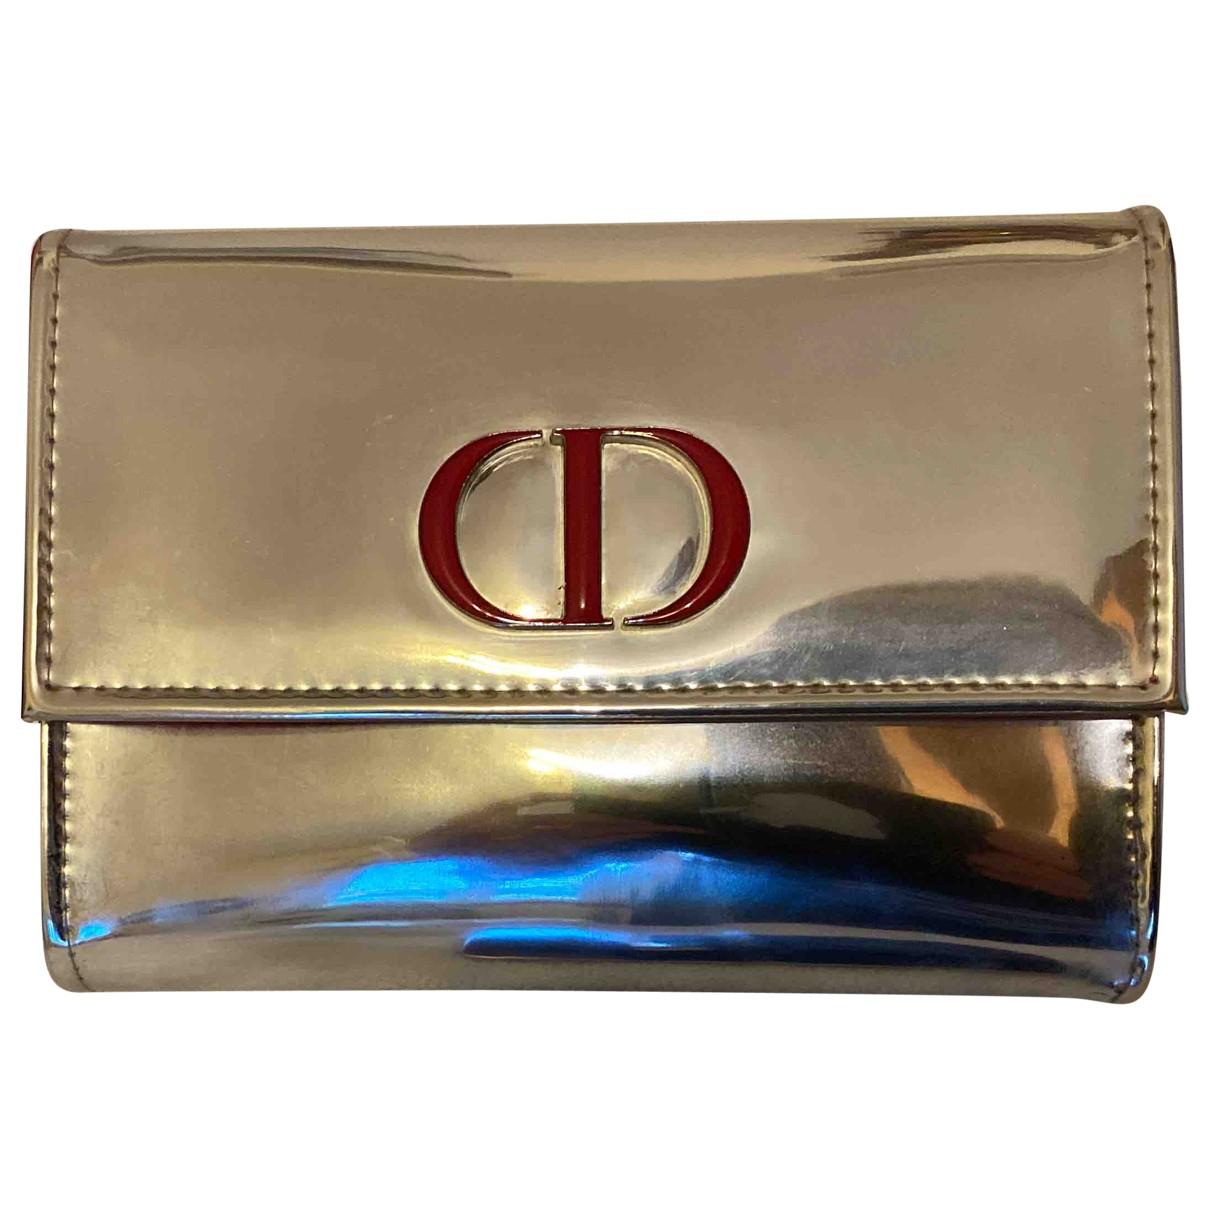 Dior - Sac de voyage   pour femme - argente